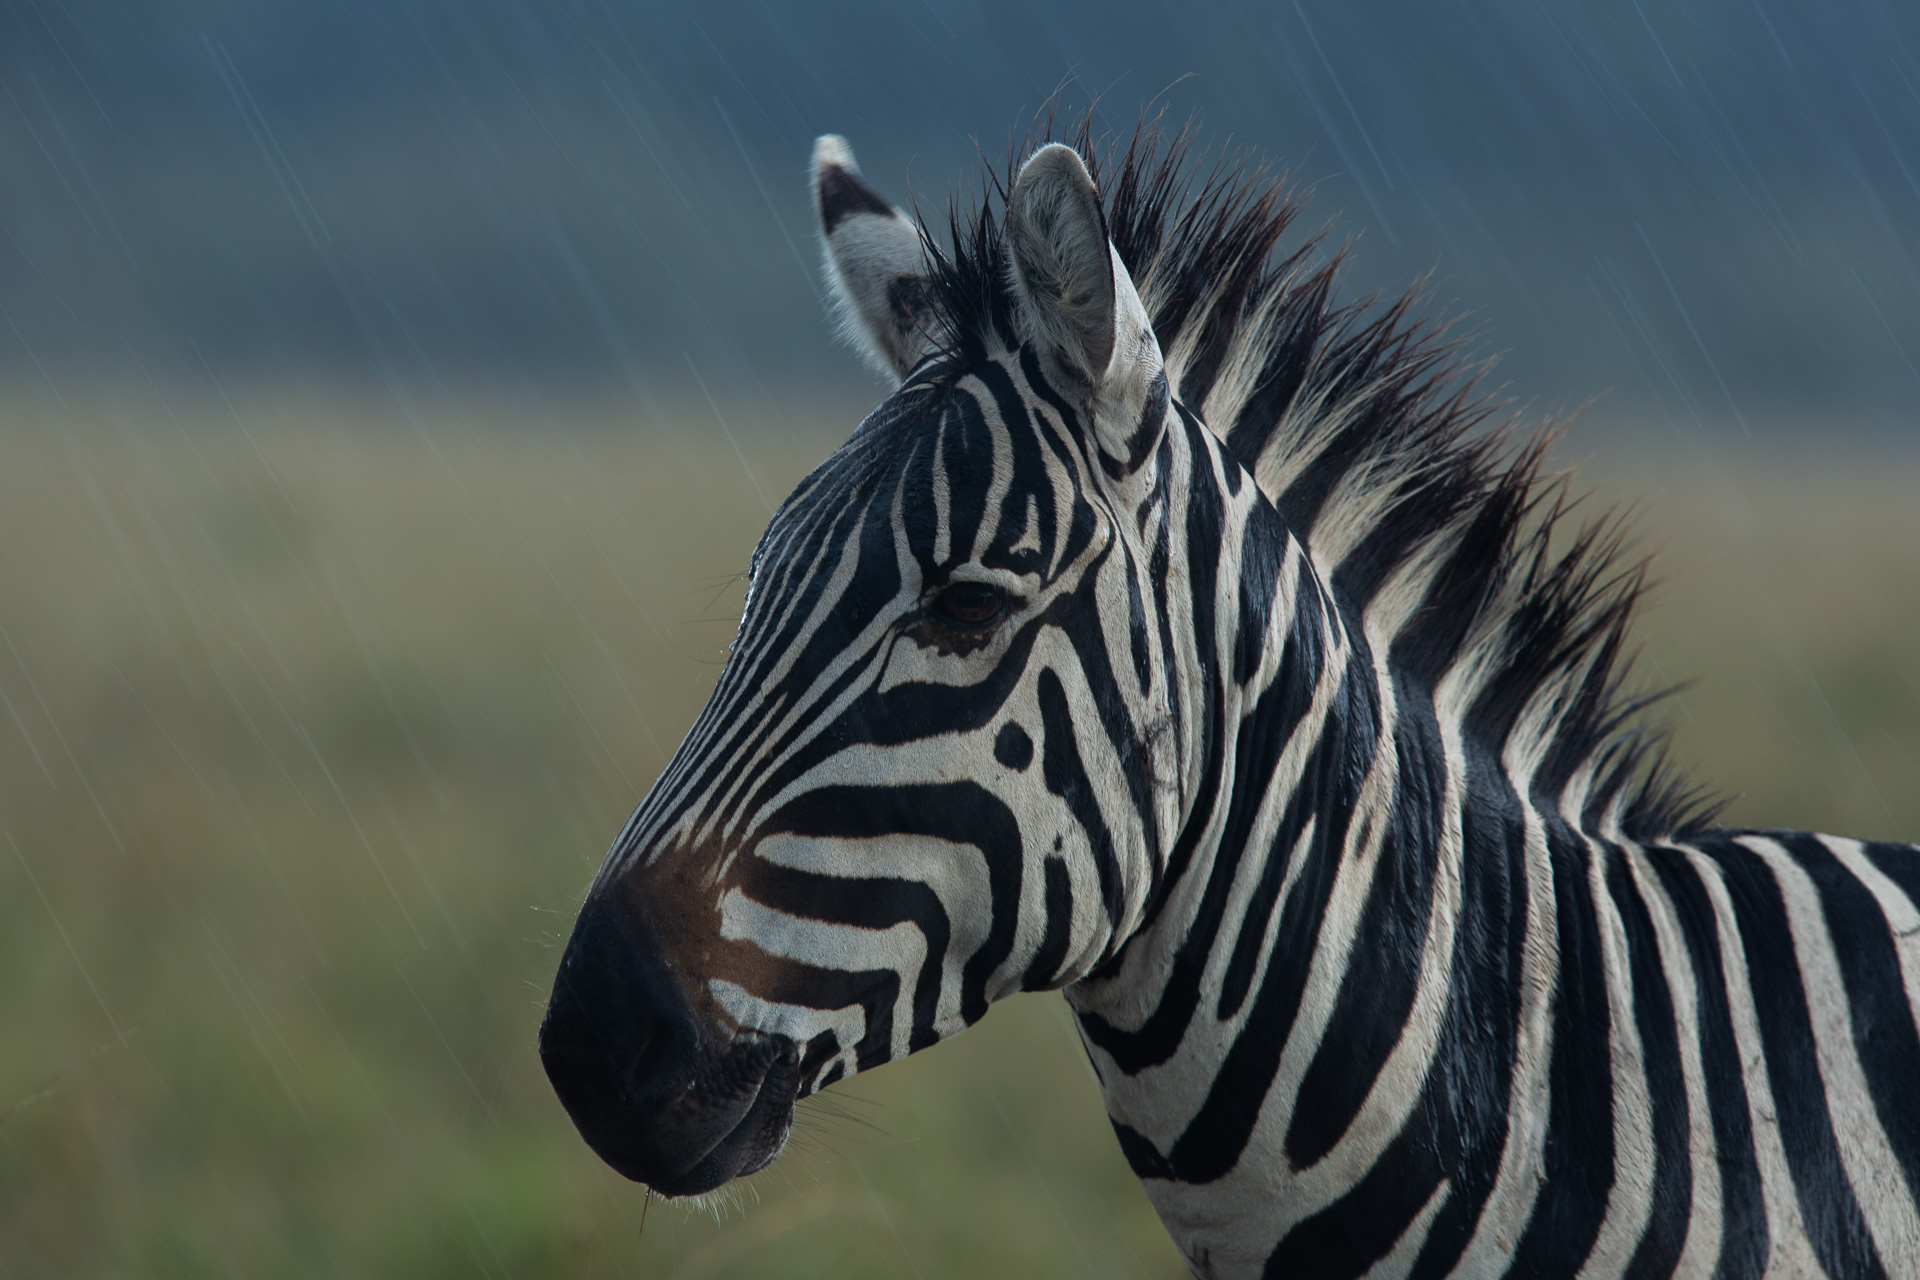 zebra in the rain